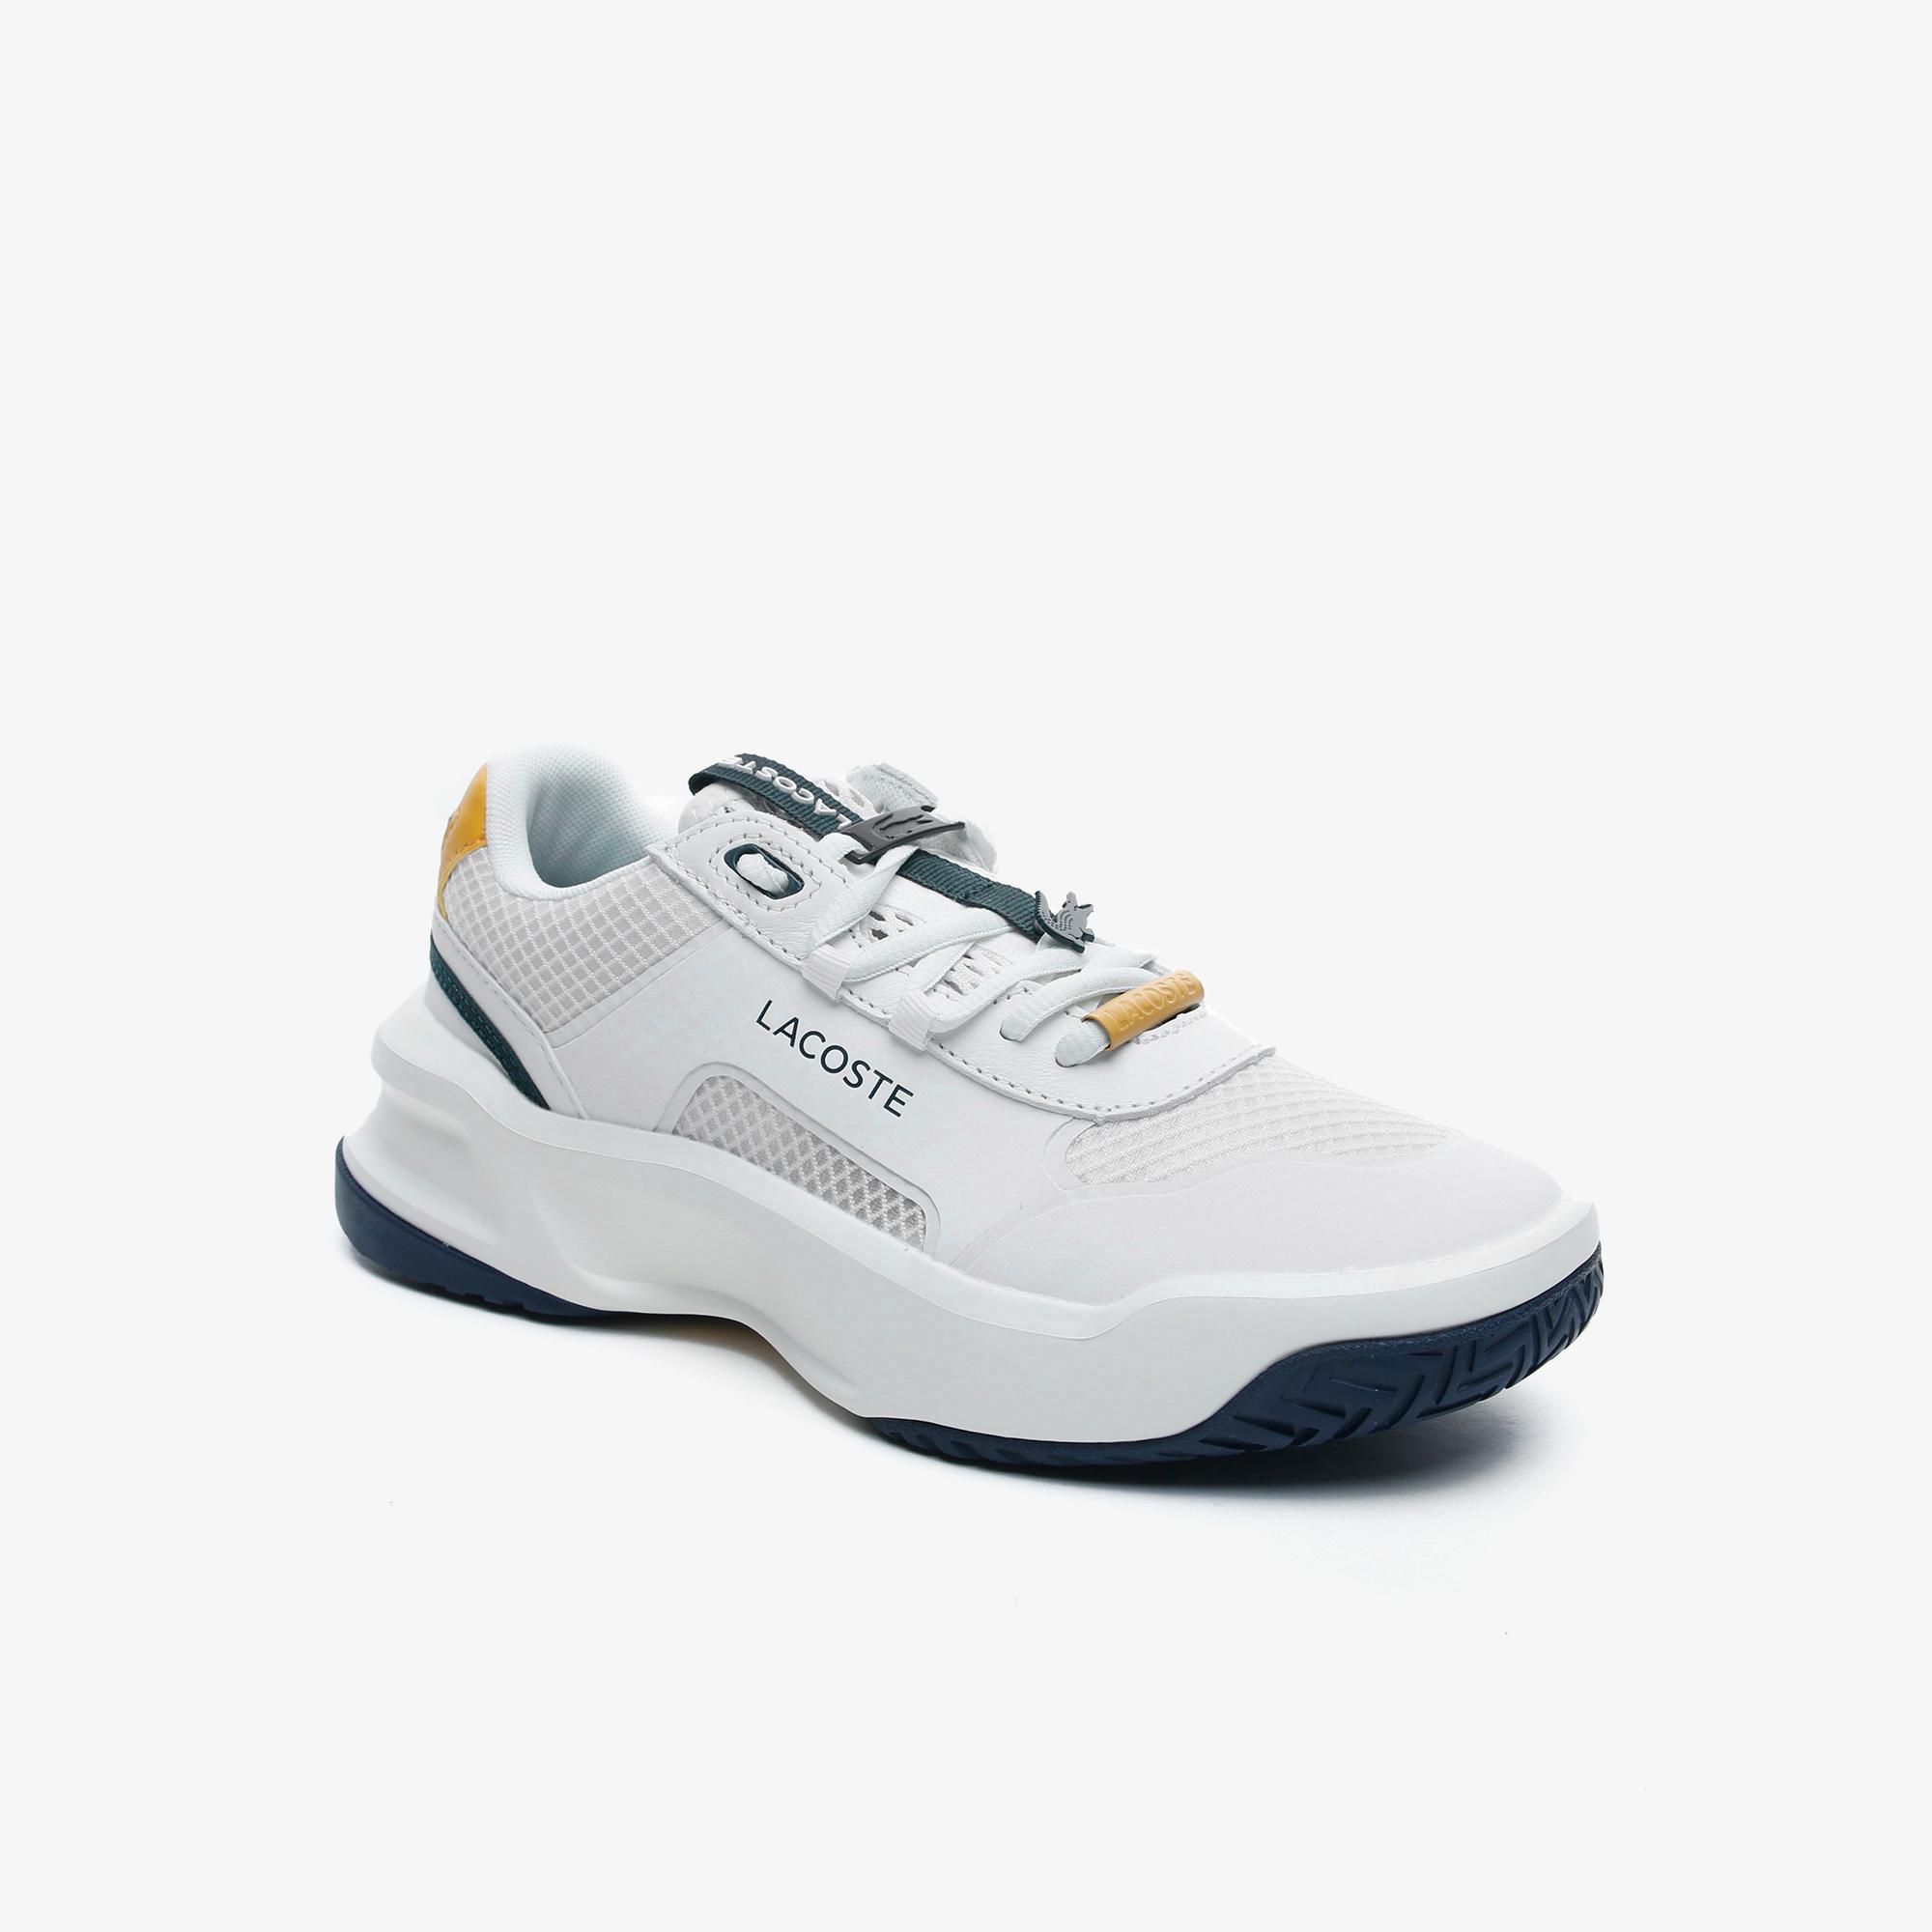 Lacoste Women's Ace Lıft Fly 0721 1 Sfa Shoes